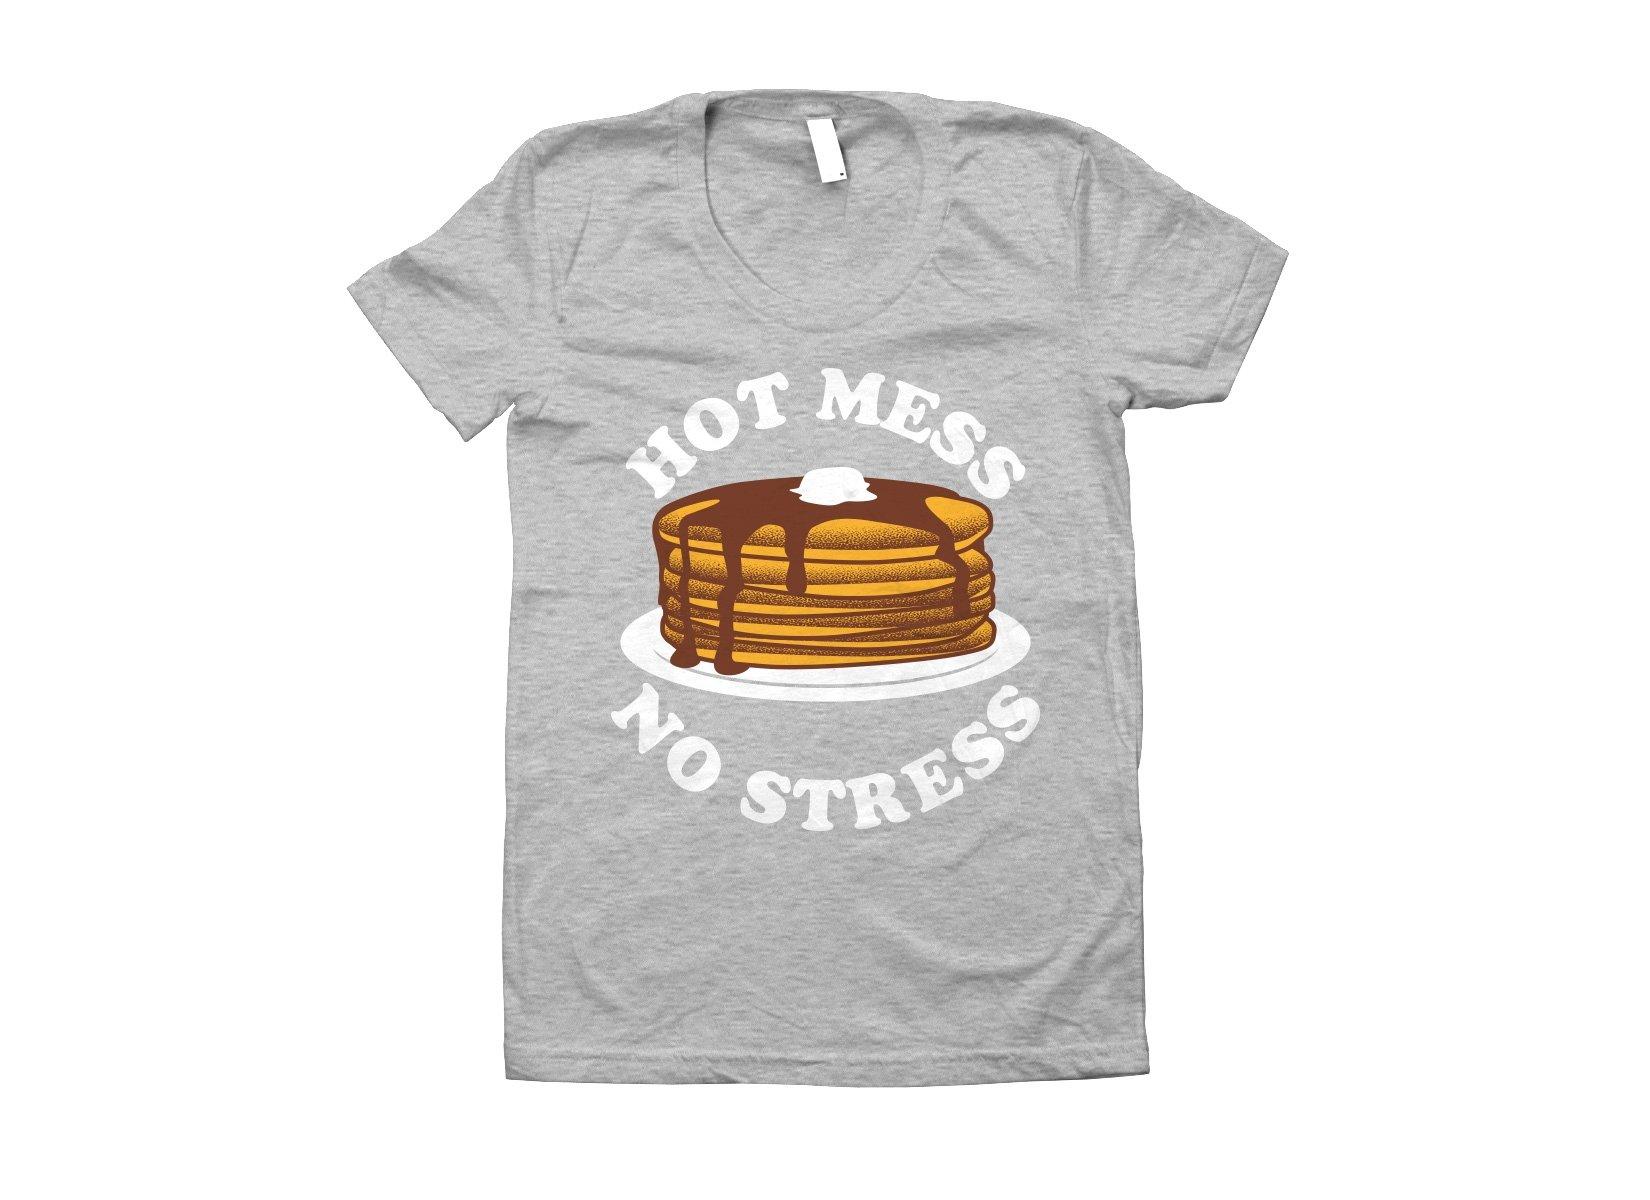 Hot Mess No Stress on Juniors T-Shirt